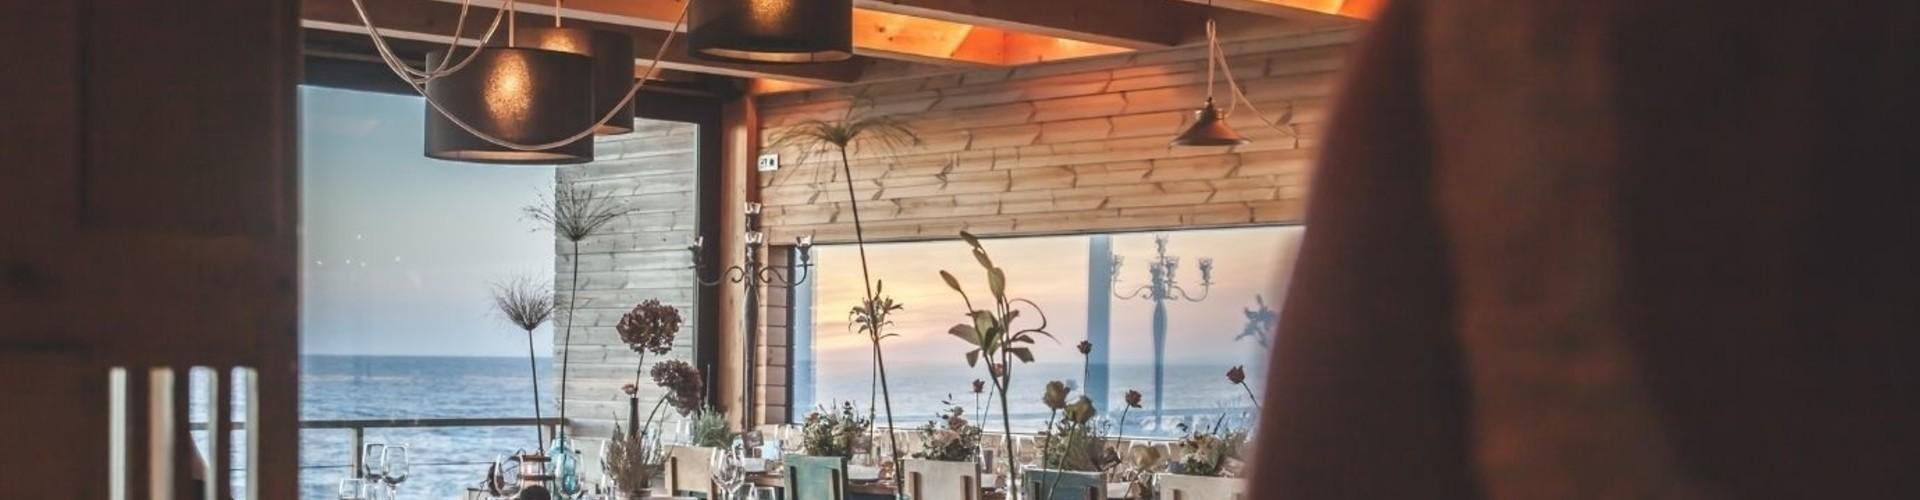 De eettafel hanglamp, licht het diner uit